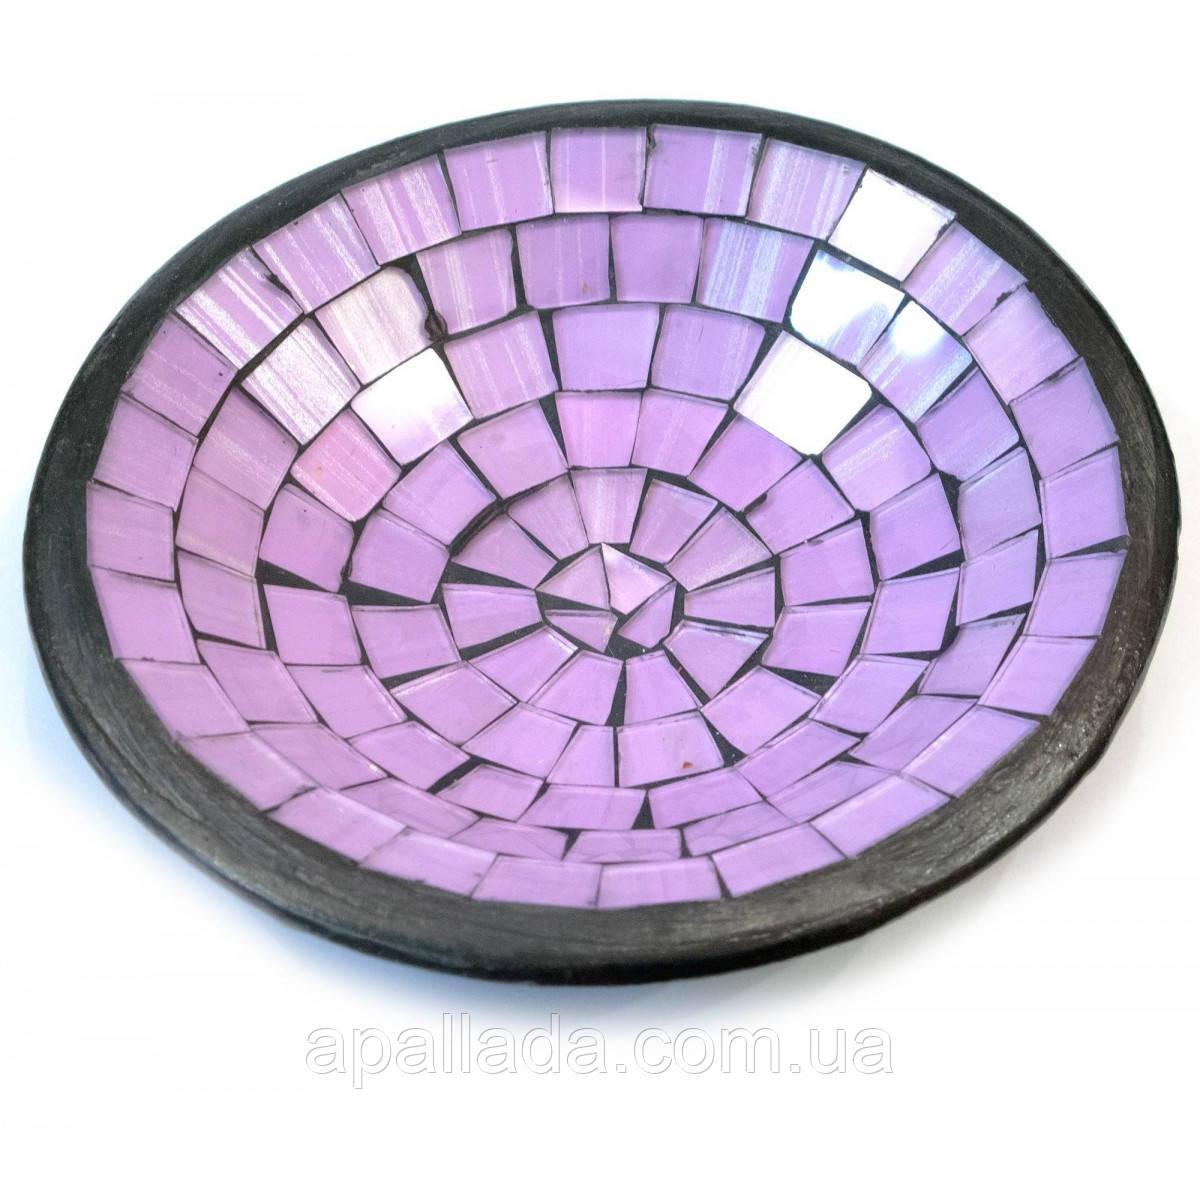 Блюдо терракотовое с фиолетовой мозаикой, диаметр-15 см